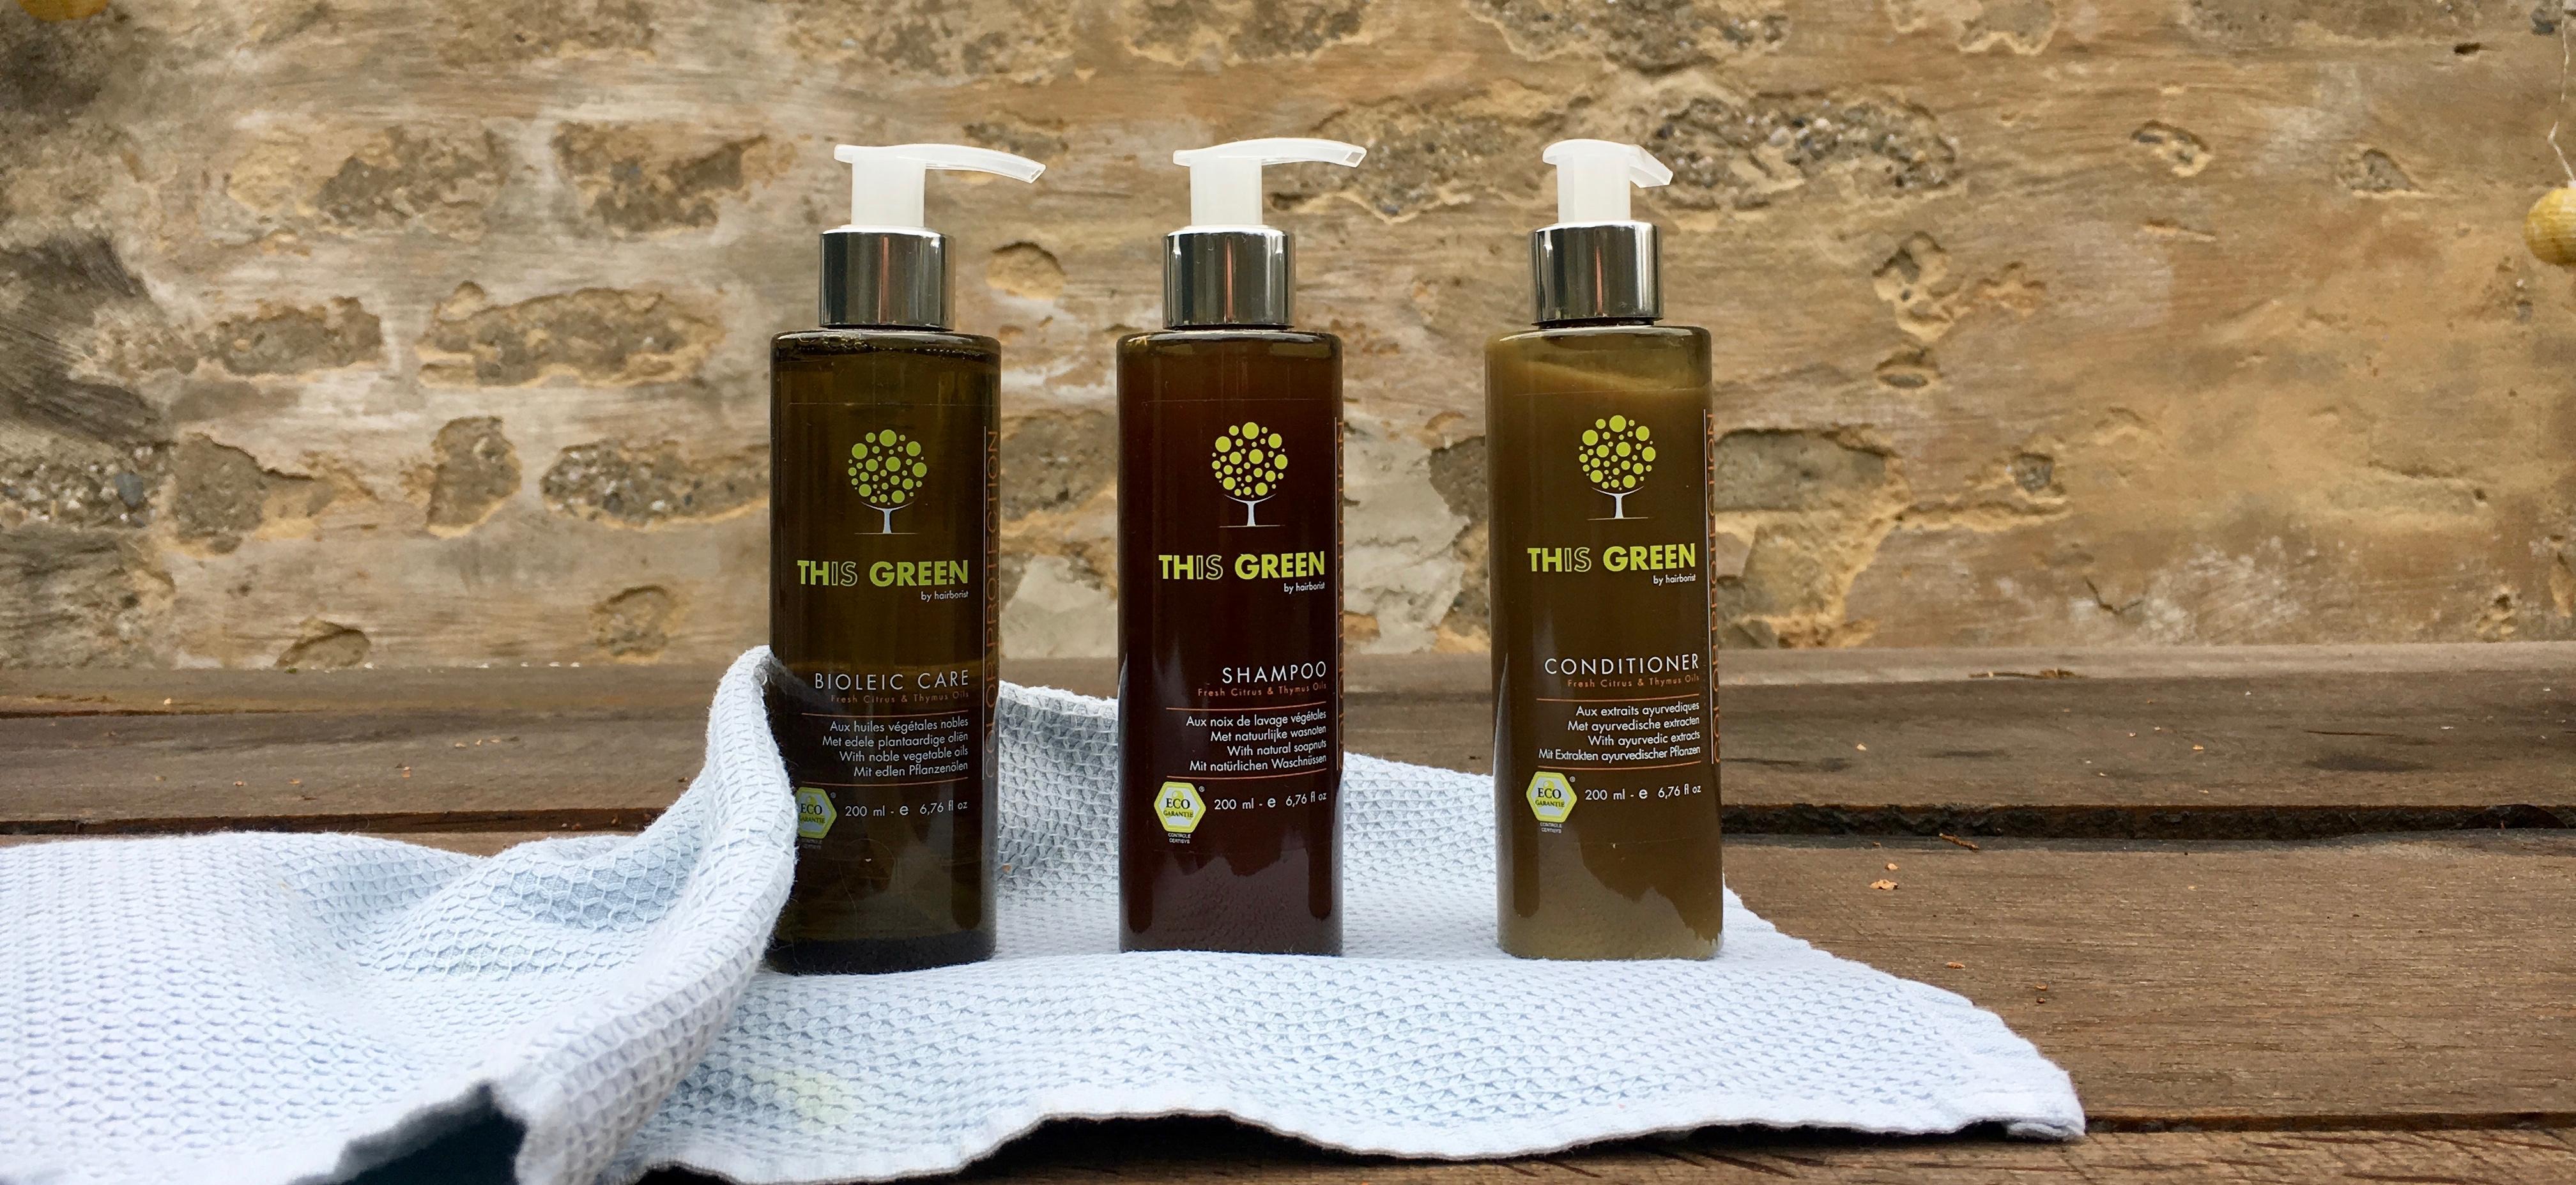 Getest: de producten van This Green